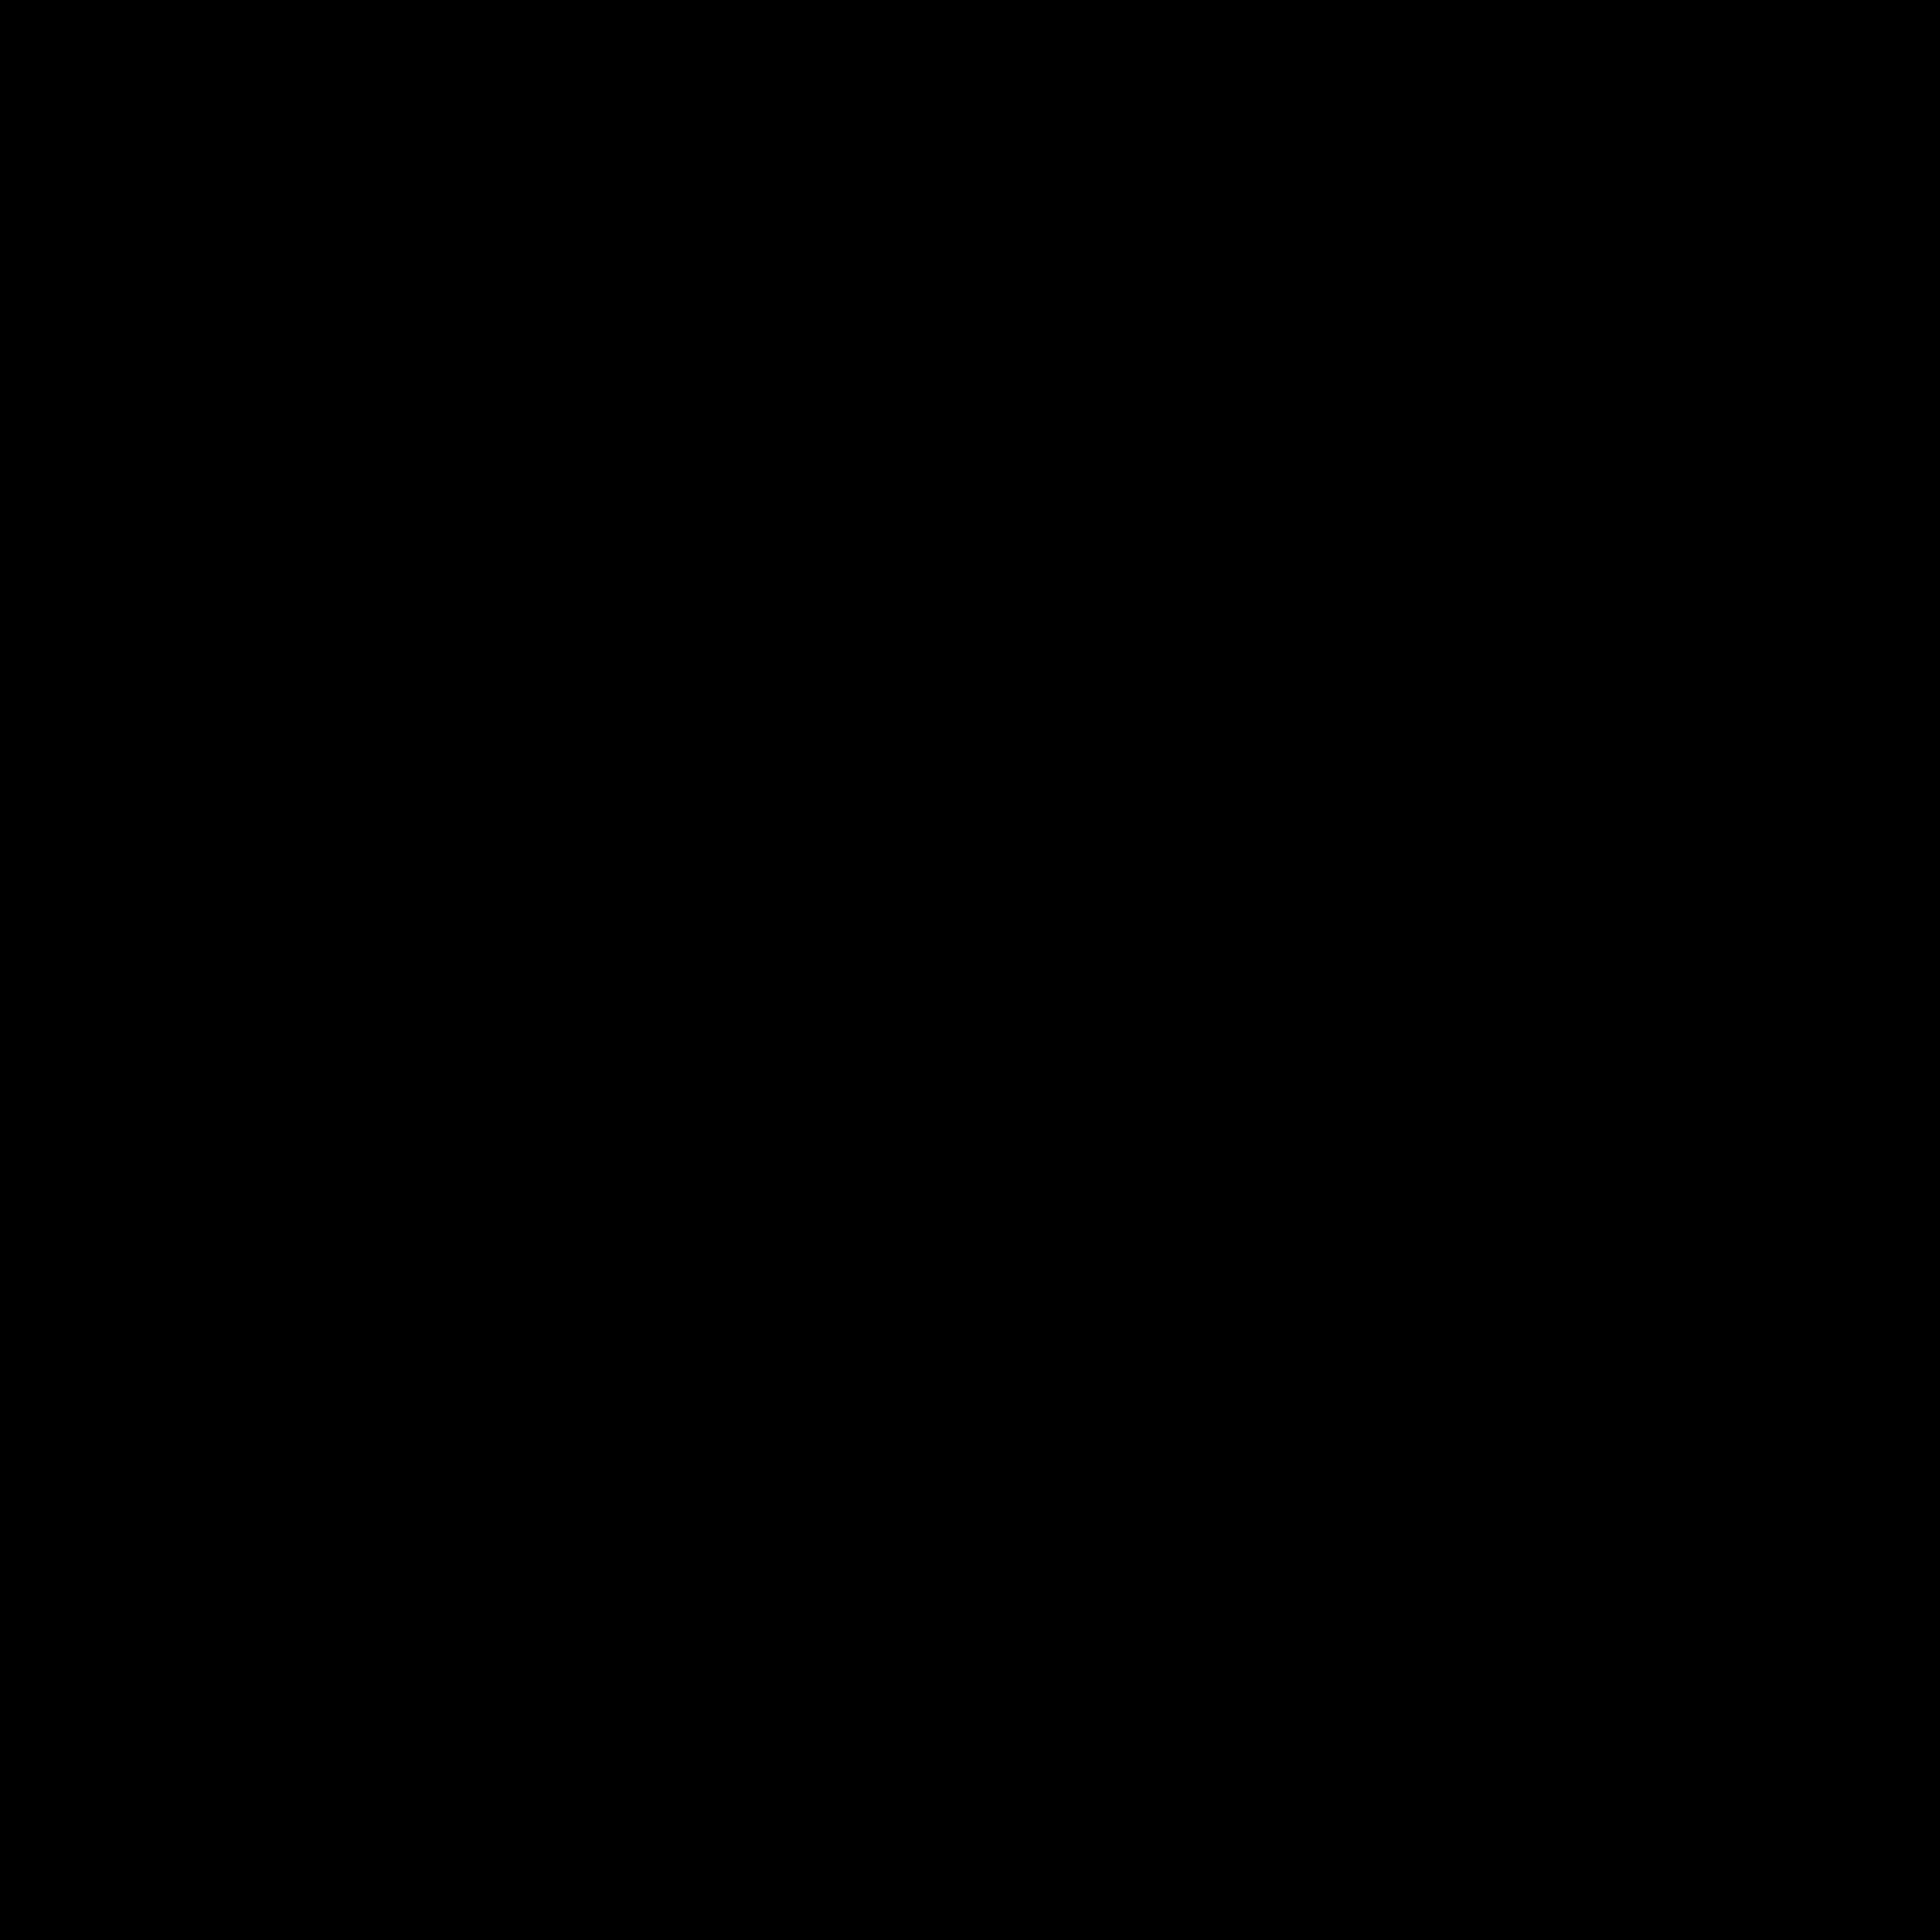 Tábua da Arte de Trithemius 1º modelo - Goecia de Salomão